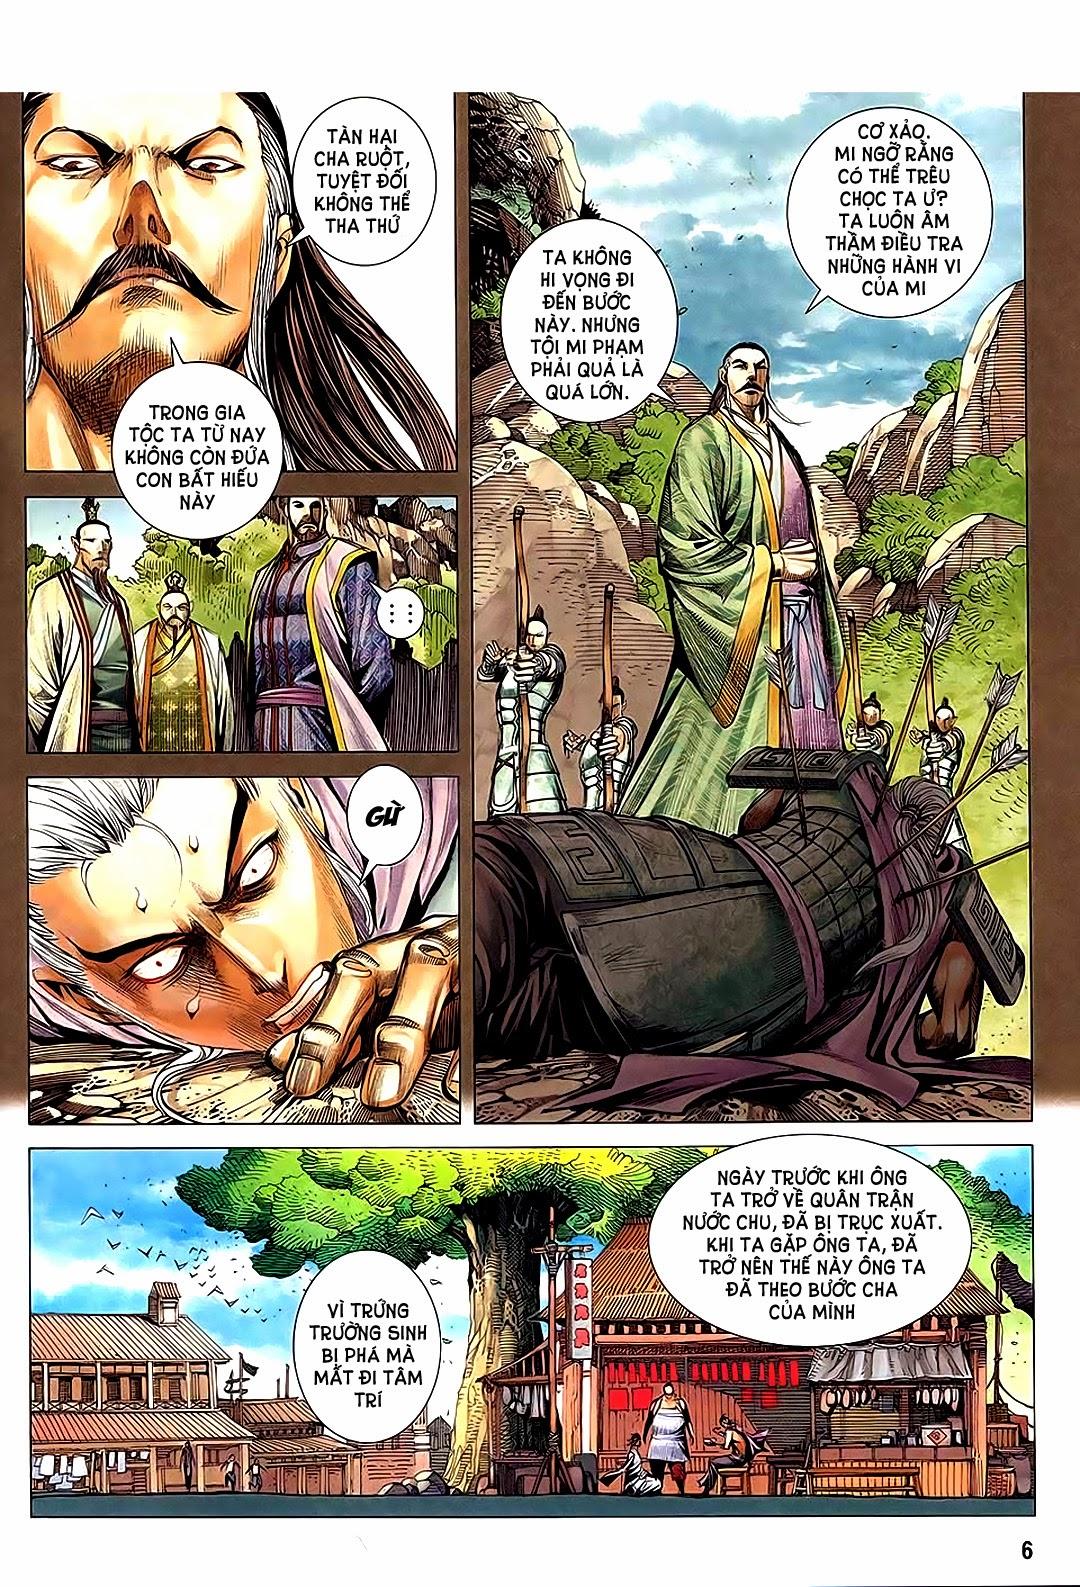 Phong Thần Ký chap 182 – End Trang 6 - Mangak.info